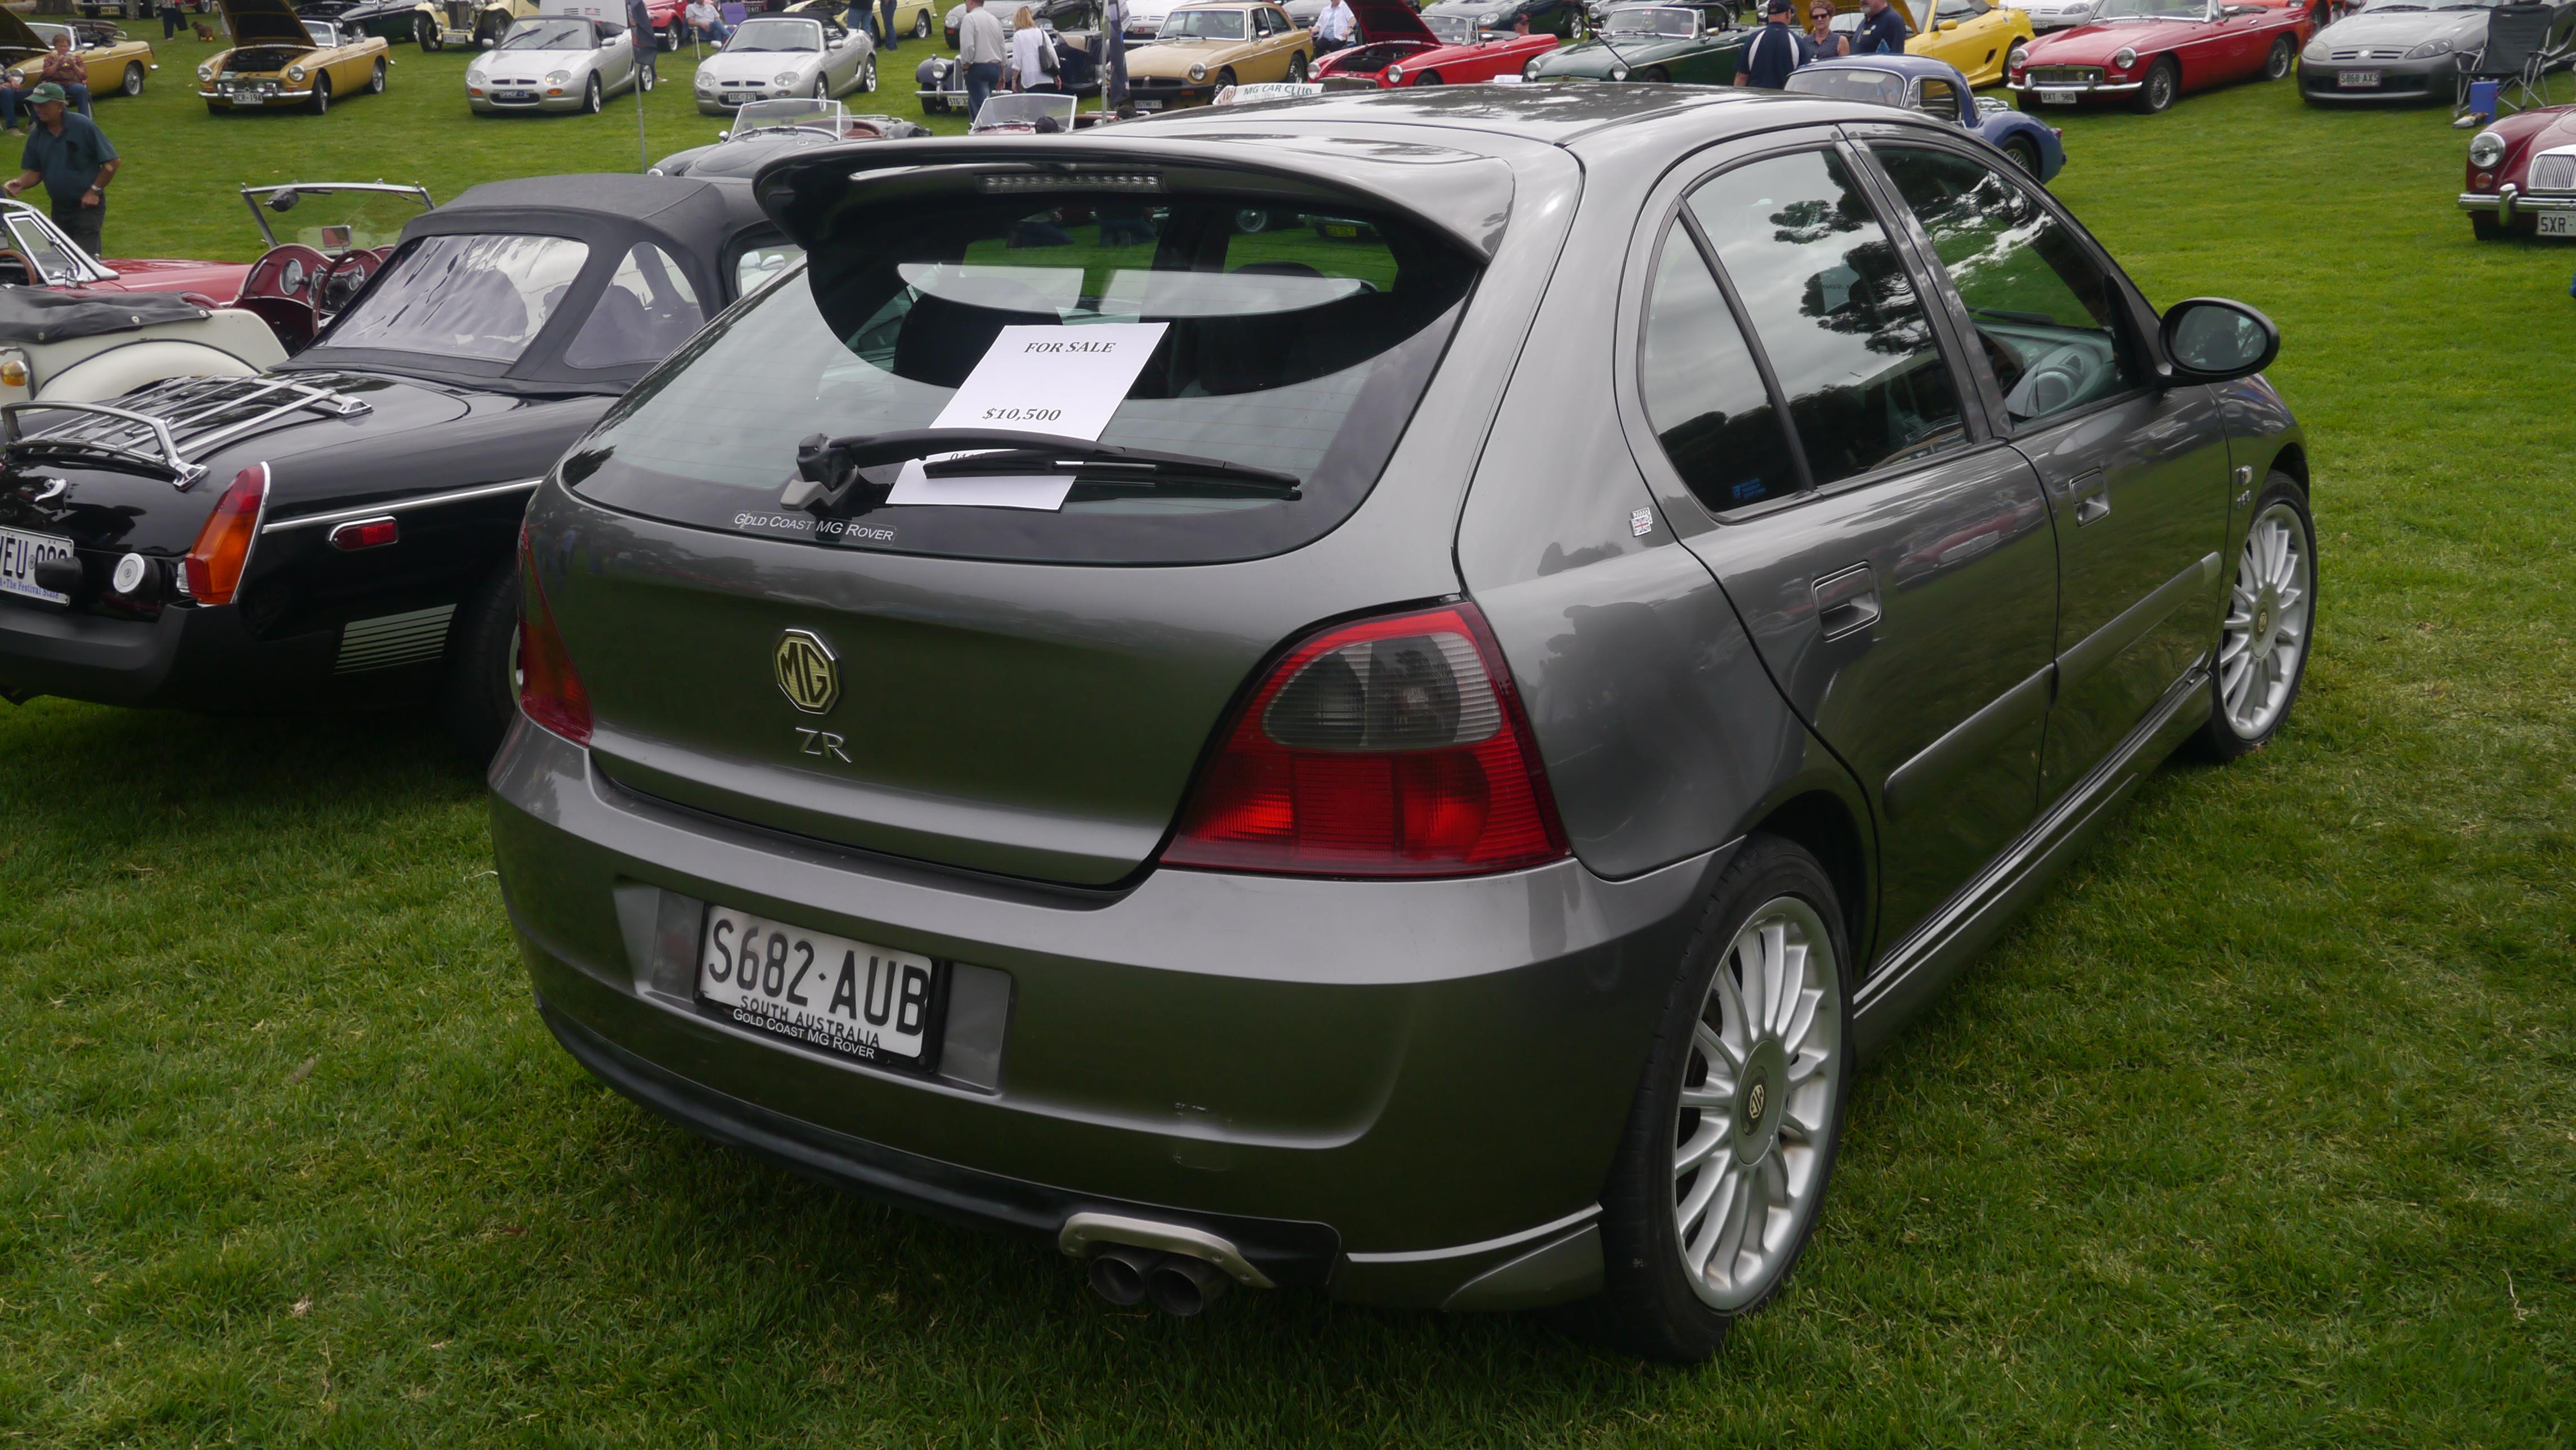 2005 MG ZR 5 Doors